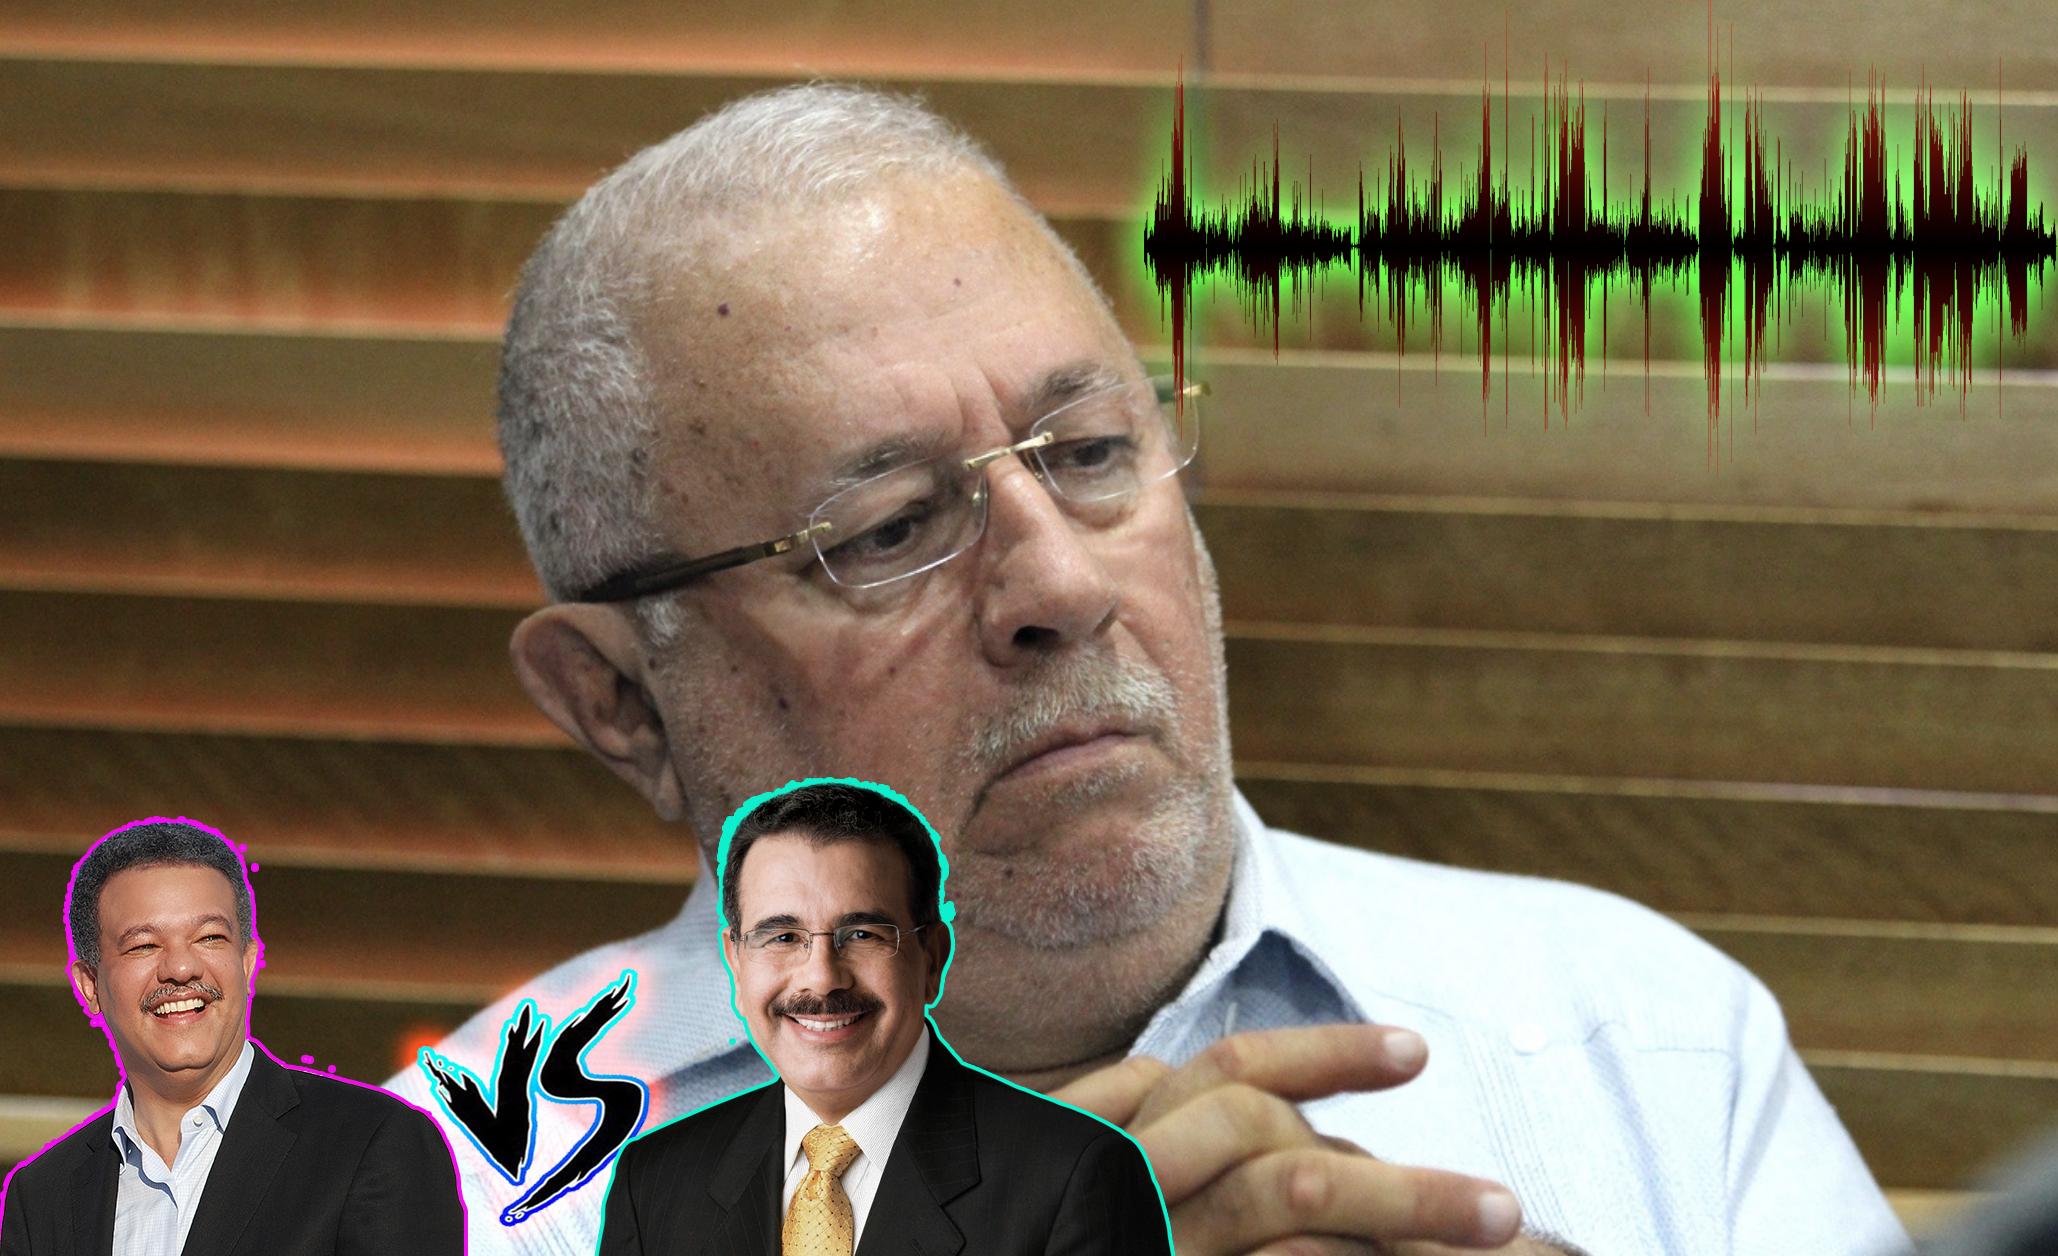 Alvarito Habla De La Reunión De Leonel Fernandez Con Los Congresistas Que Pertenecen A Su Bando Y Sobre La Guerra Interna Del Partido